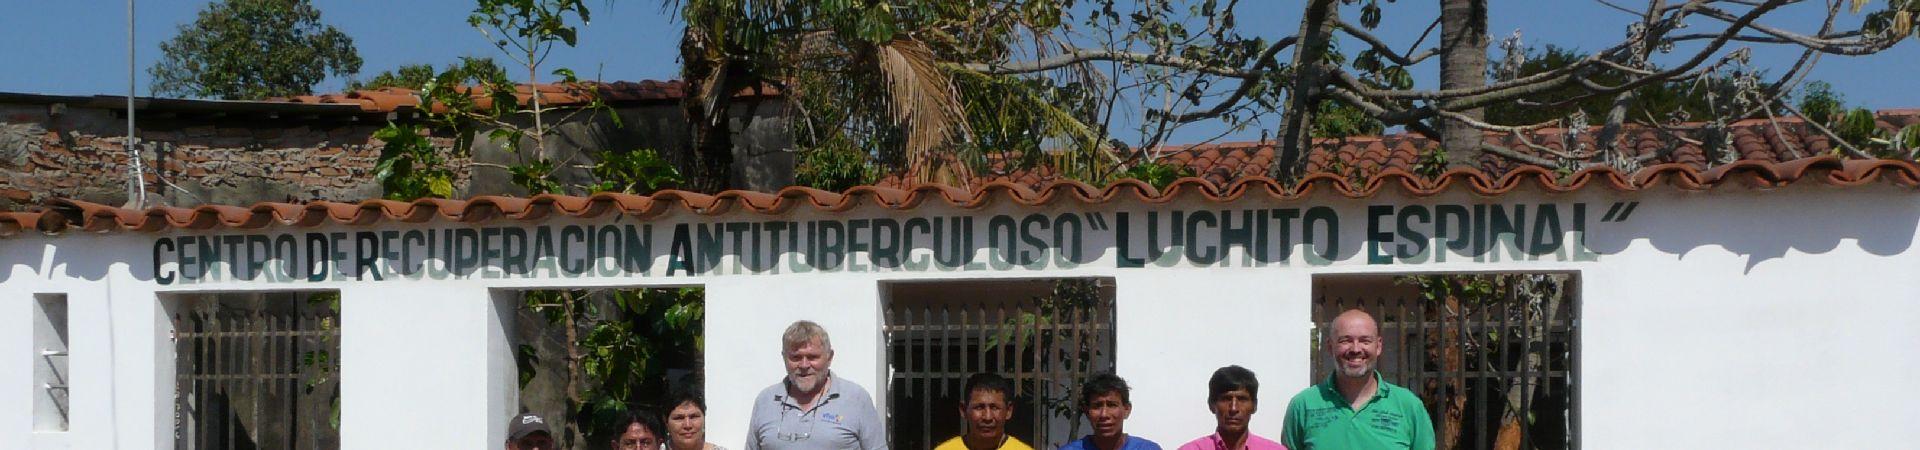 TBC-Statin in Montero